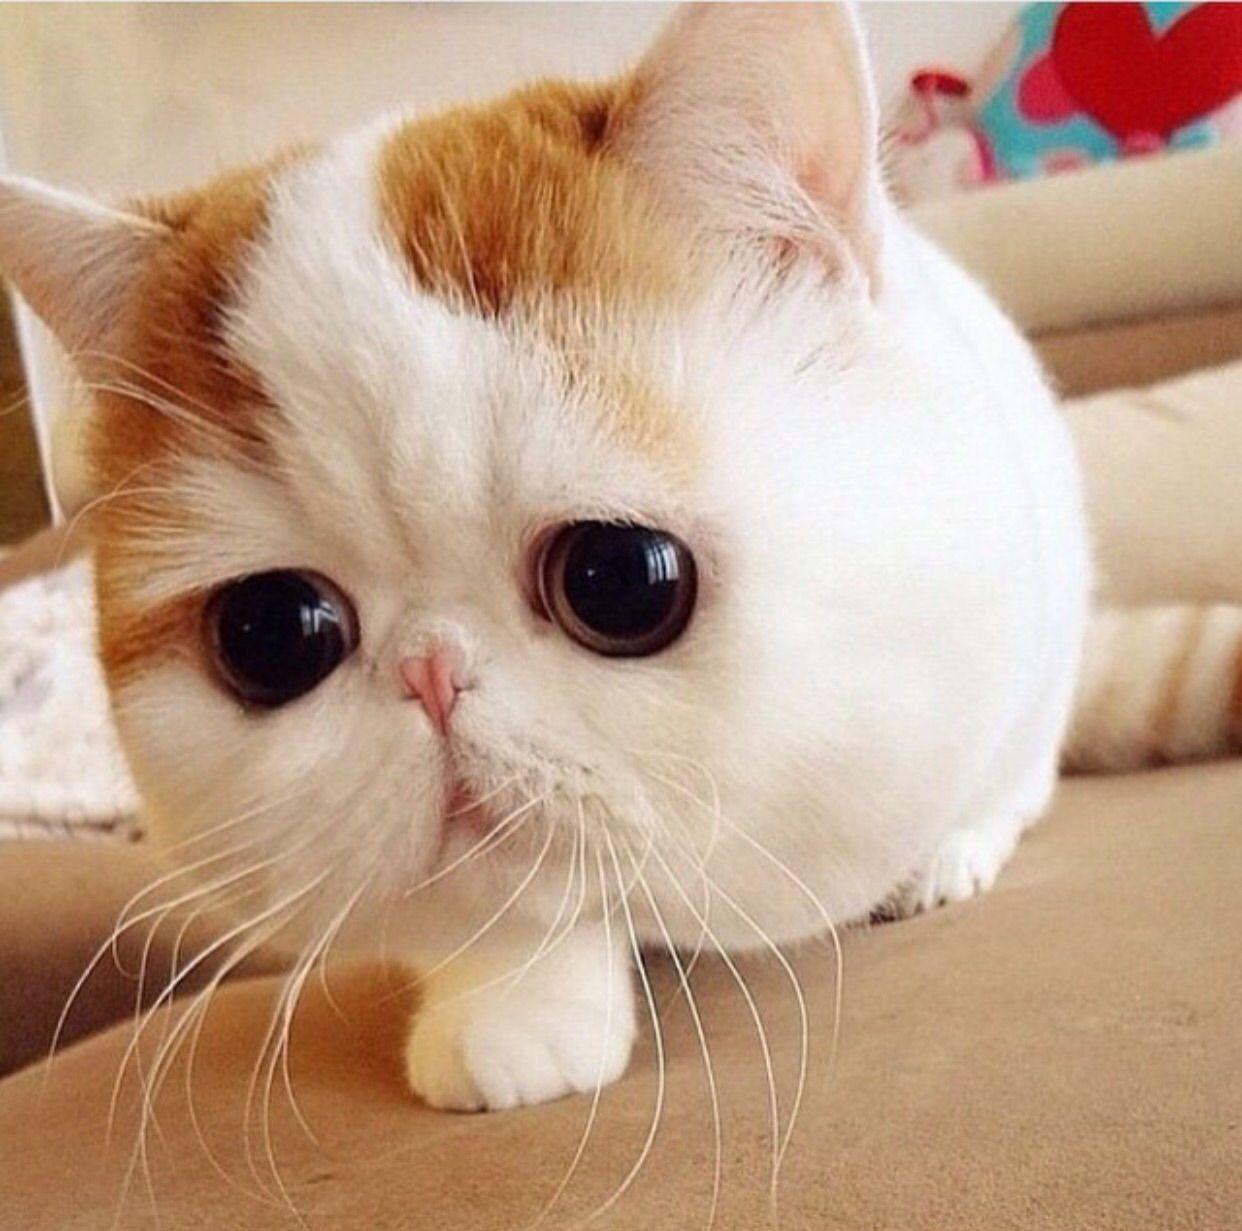 Image Chat Mignon chat mignon❤ ❤ ❤ | animaux | pinterest